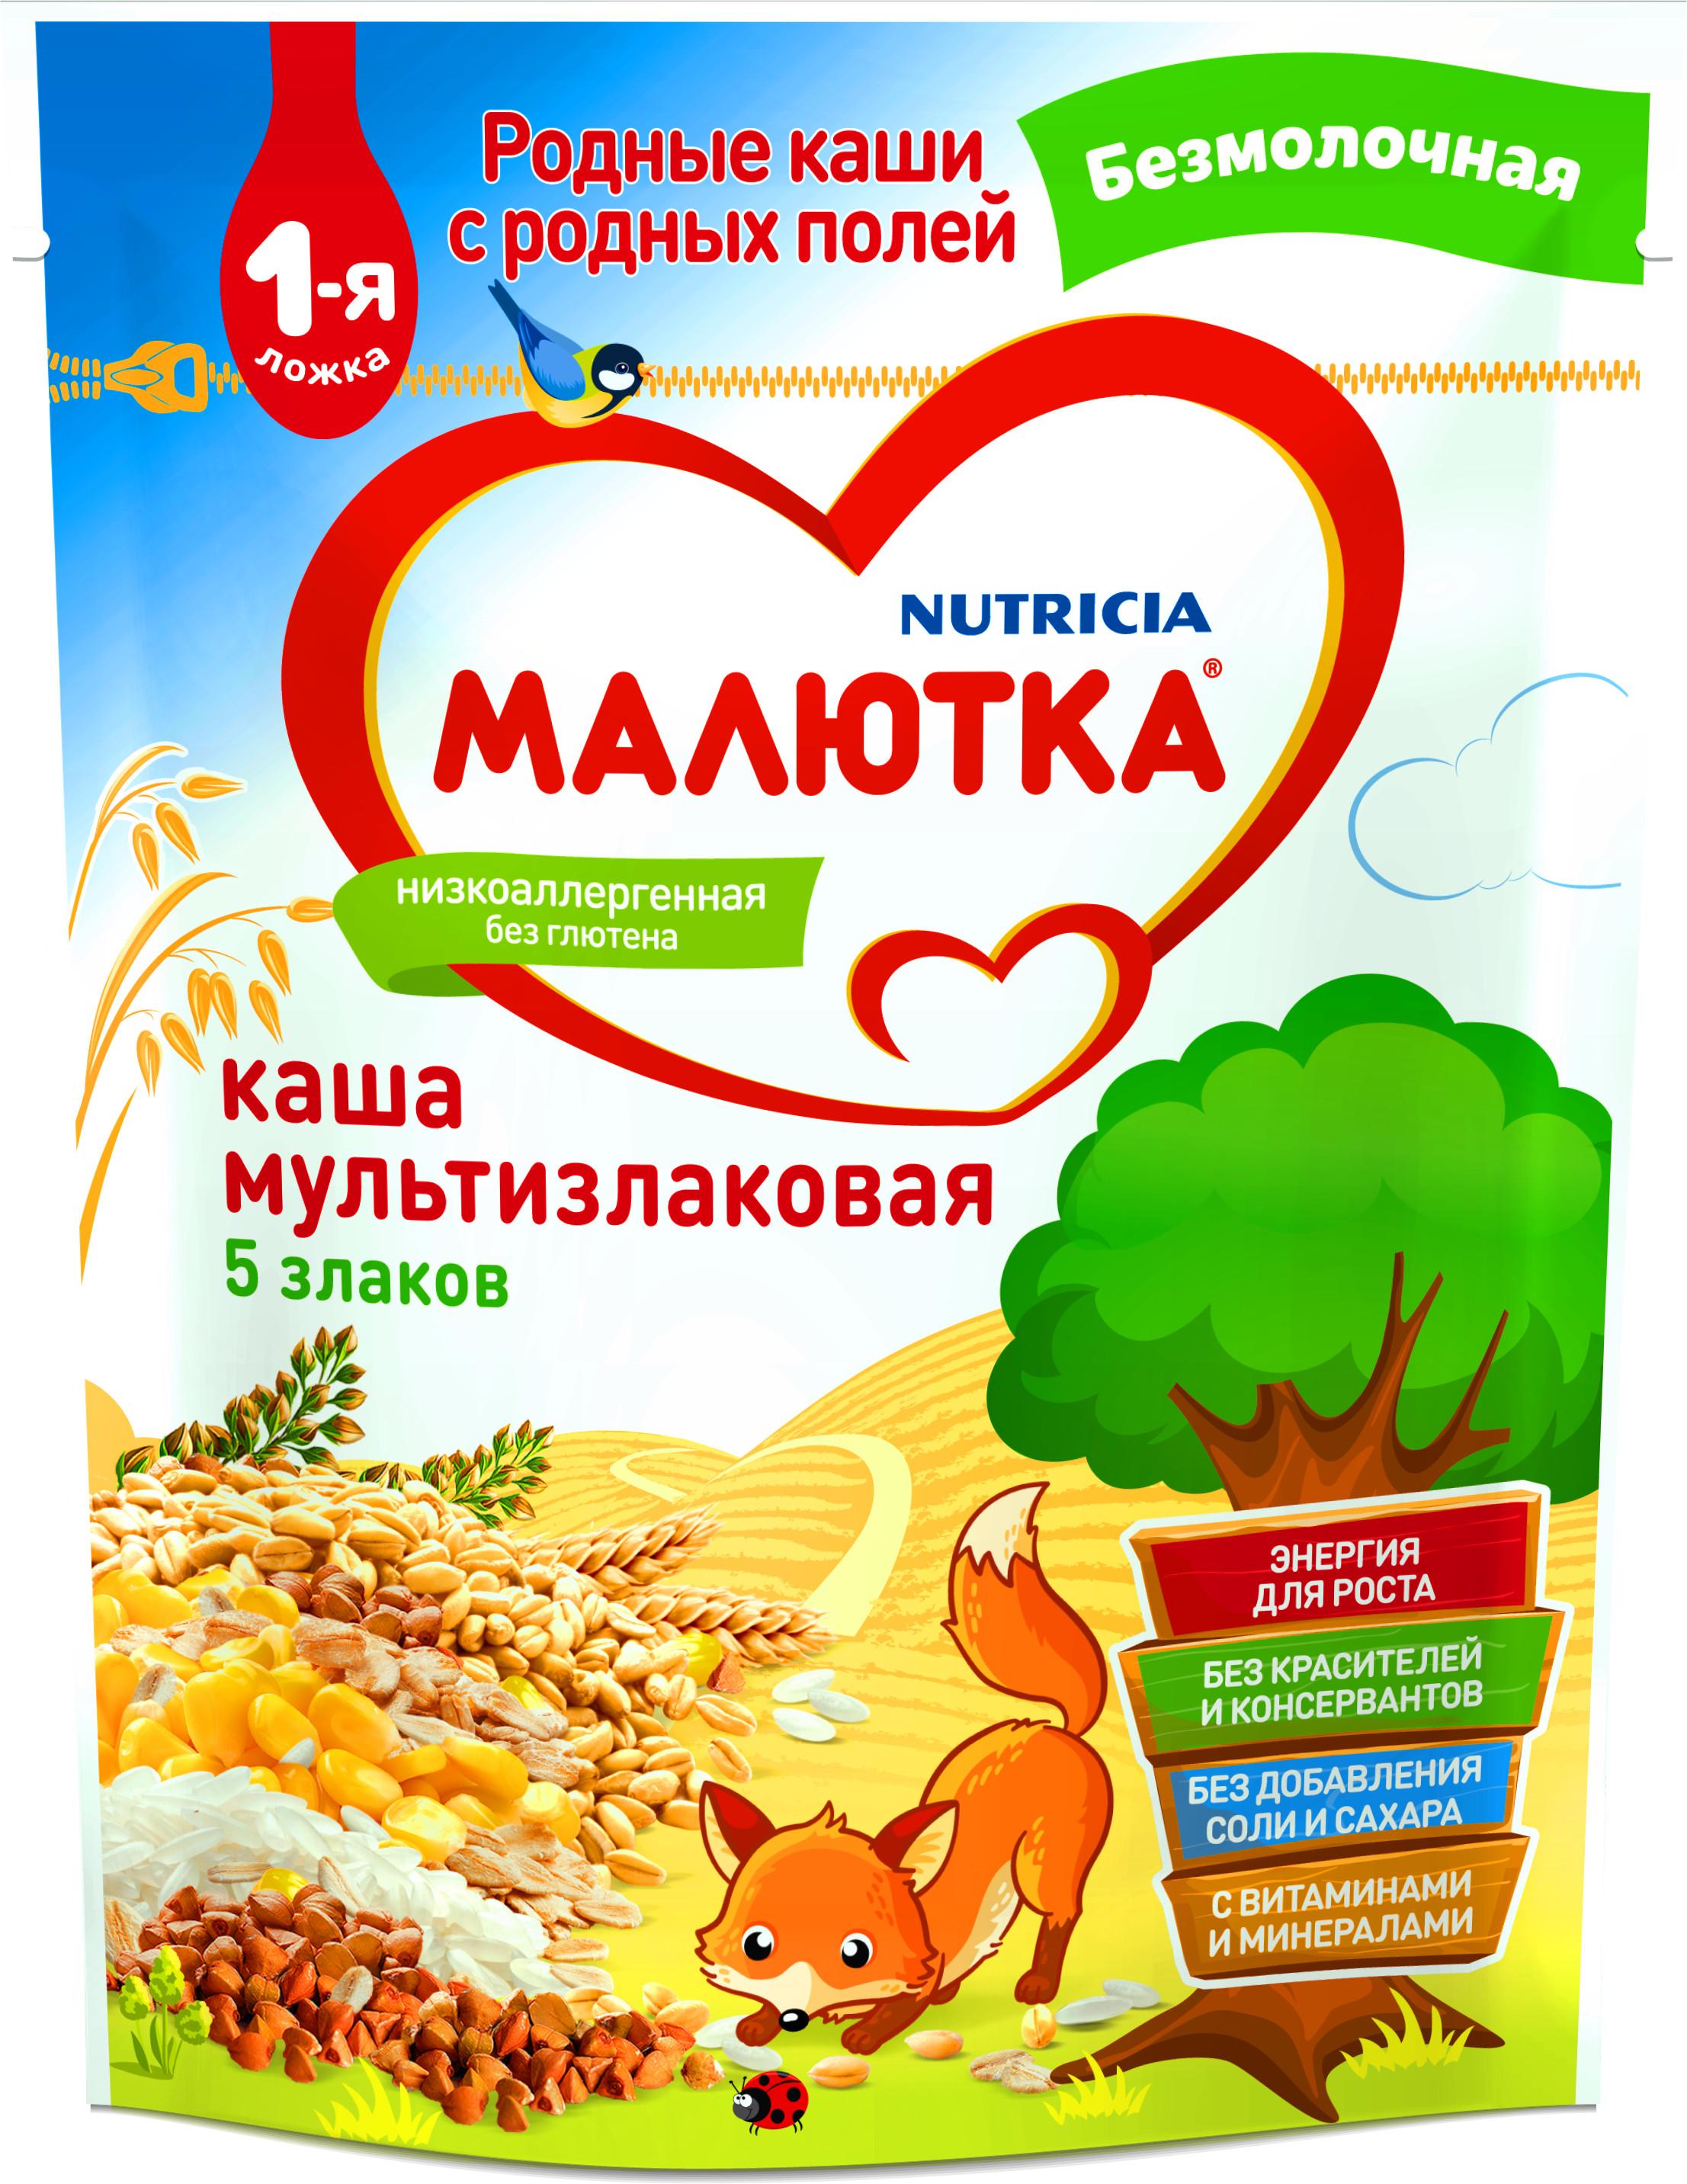 Купить Безмолочные, Малютка (Nutricia) Безмолочная 5 злаков (с 6 месяцев) 200 г, Россия